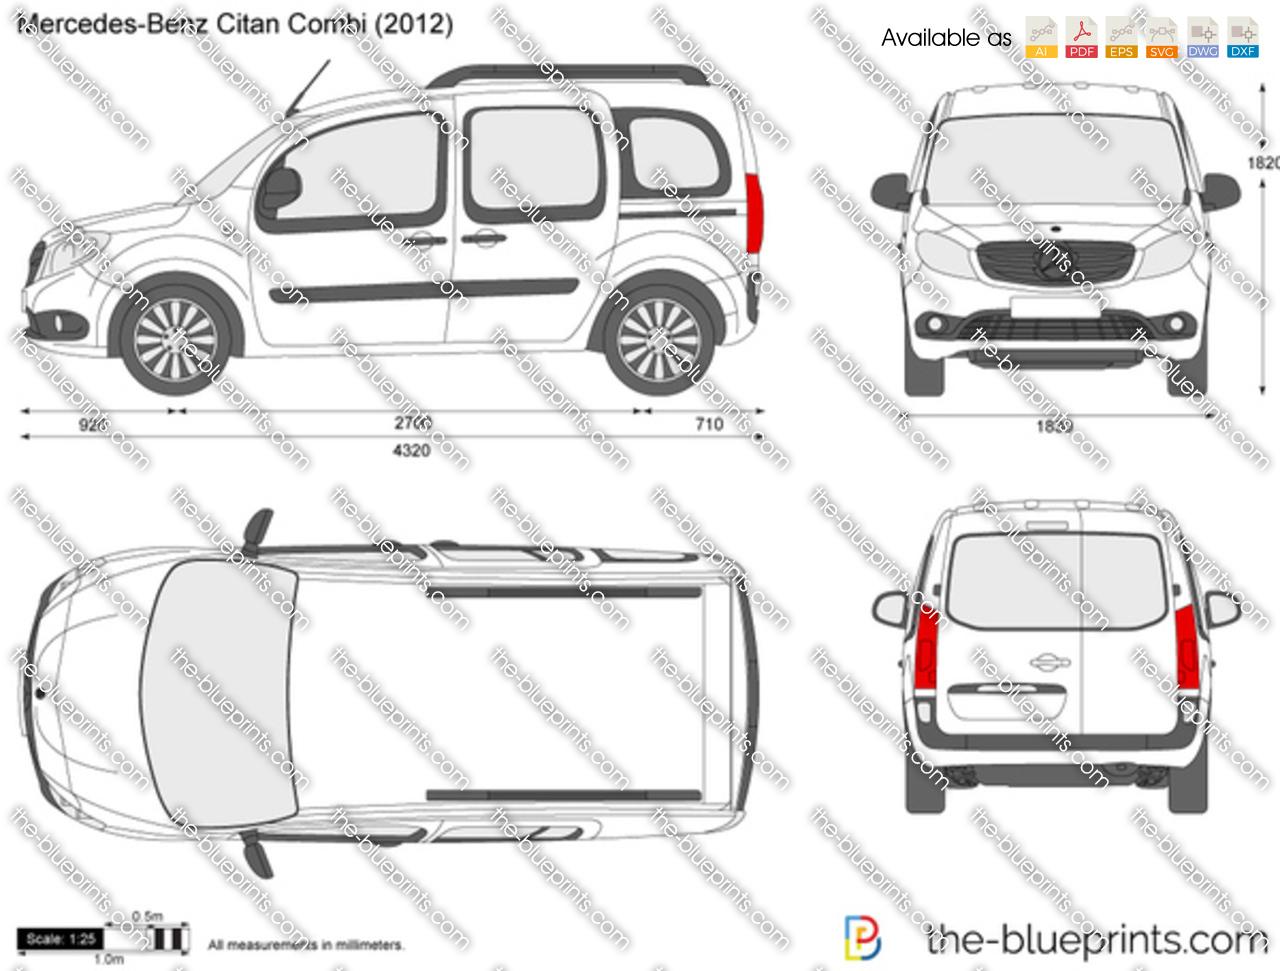 Mercedes-Benz Citan Combi vector drawing